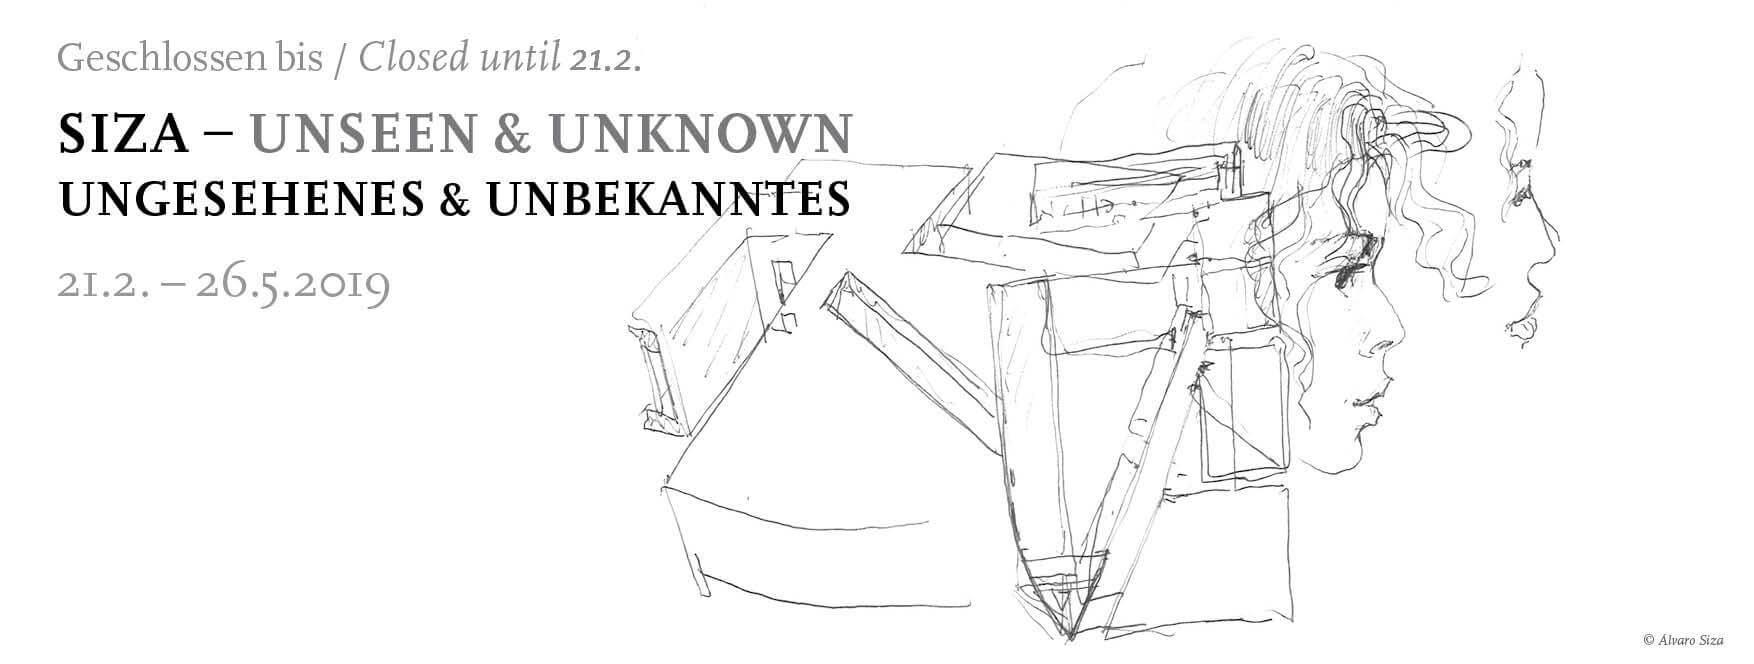 Exposição de desenhos de Álvaro Siza é inaugurada em Berlim no centenário da Bauhaus